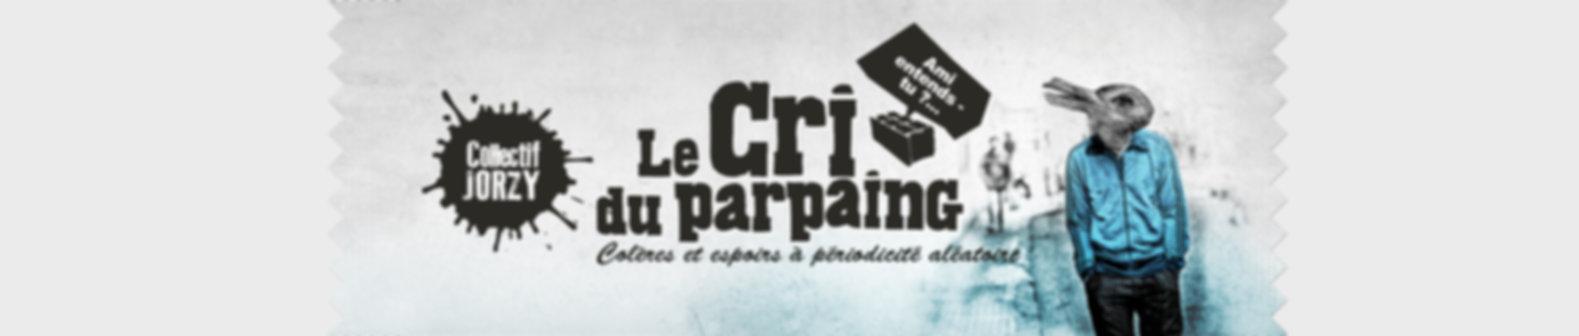 Le Cri du Parpaing